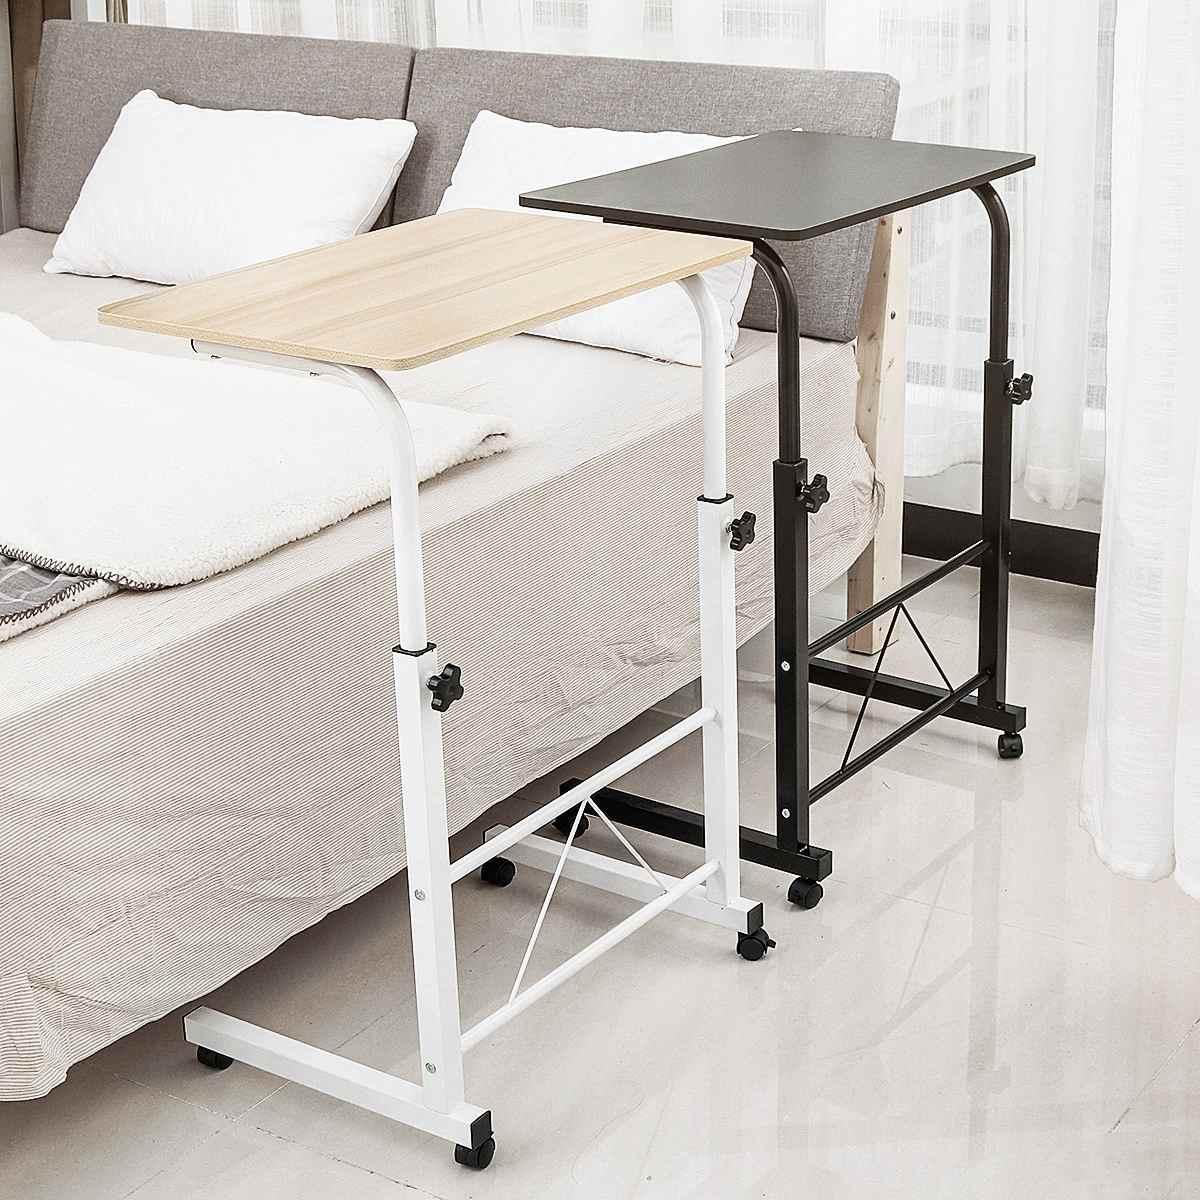 Foldable Computer Desk Table Adjustable Portable Laptop Desk Rolling Laptop Table Bedside Sofa Standing Home Office Furniture